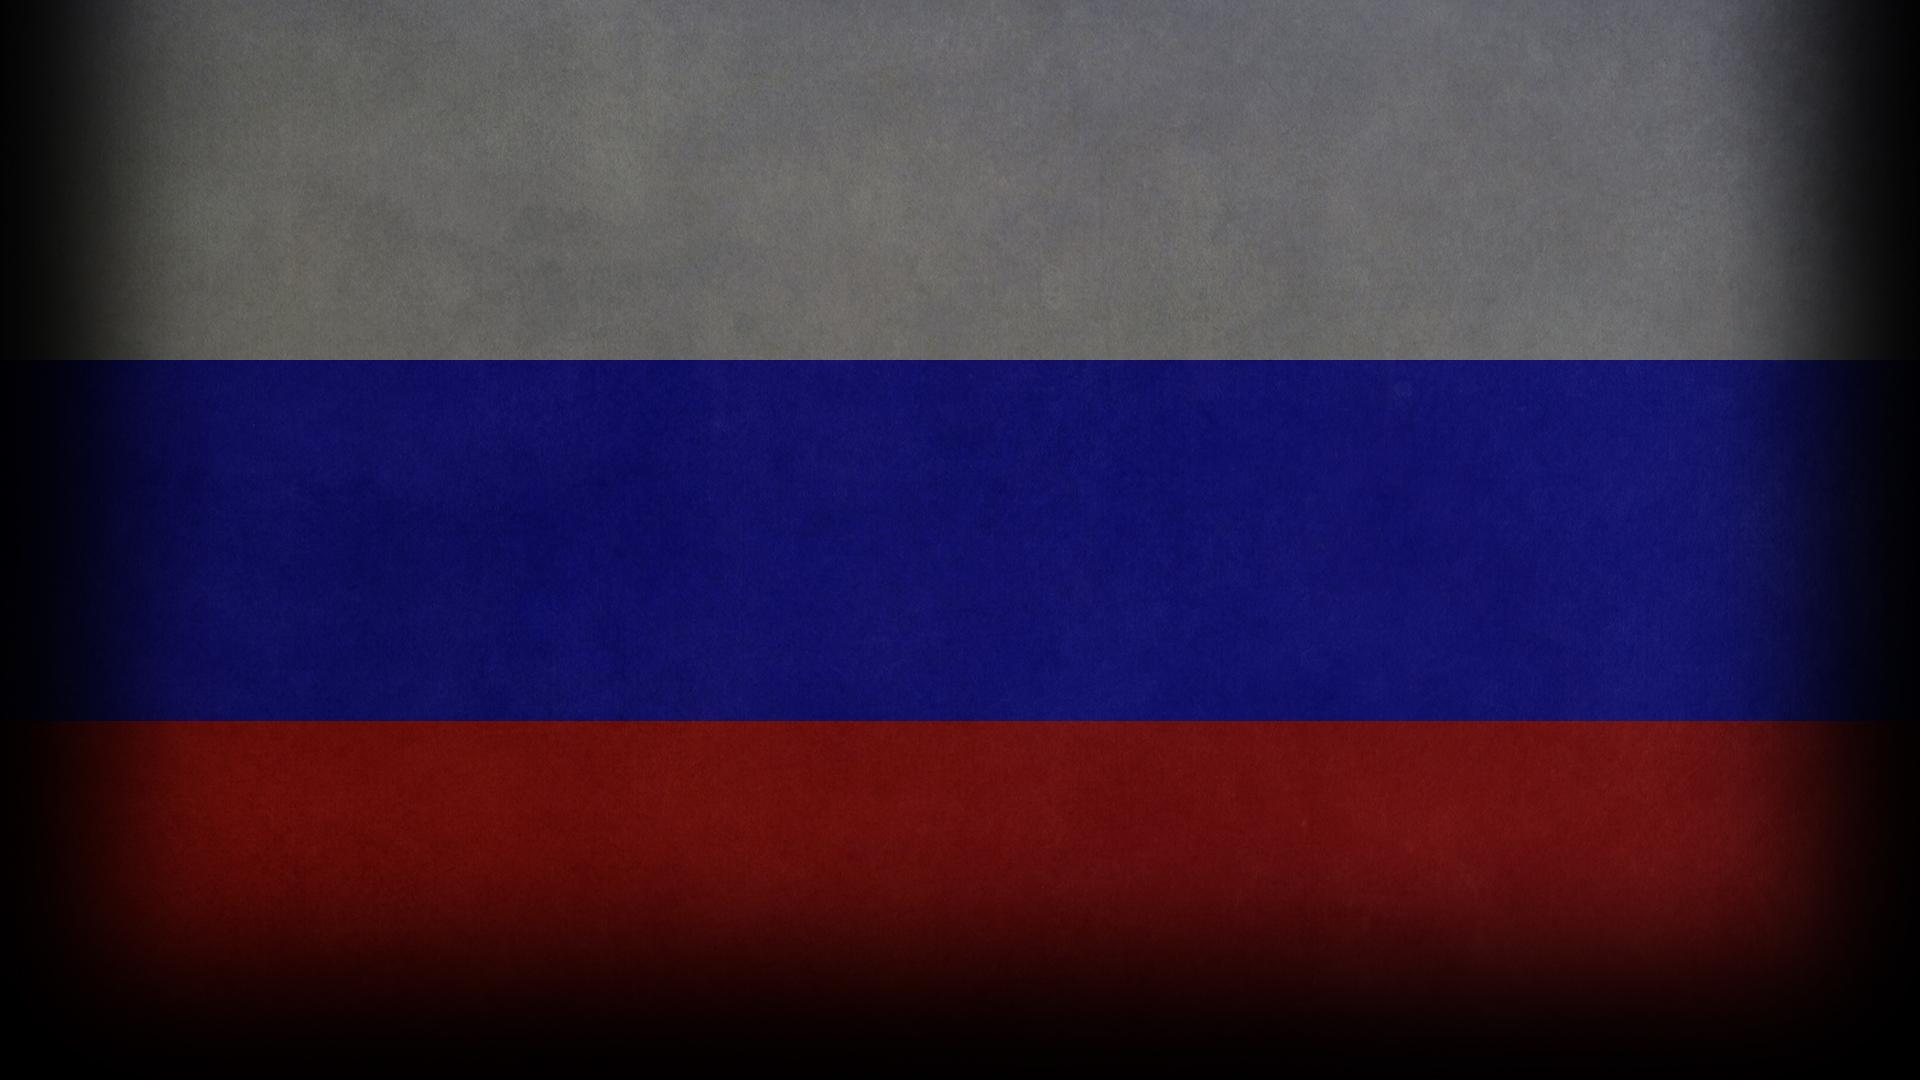 фото профиля на фоне рф флага даже звучит